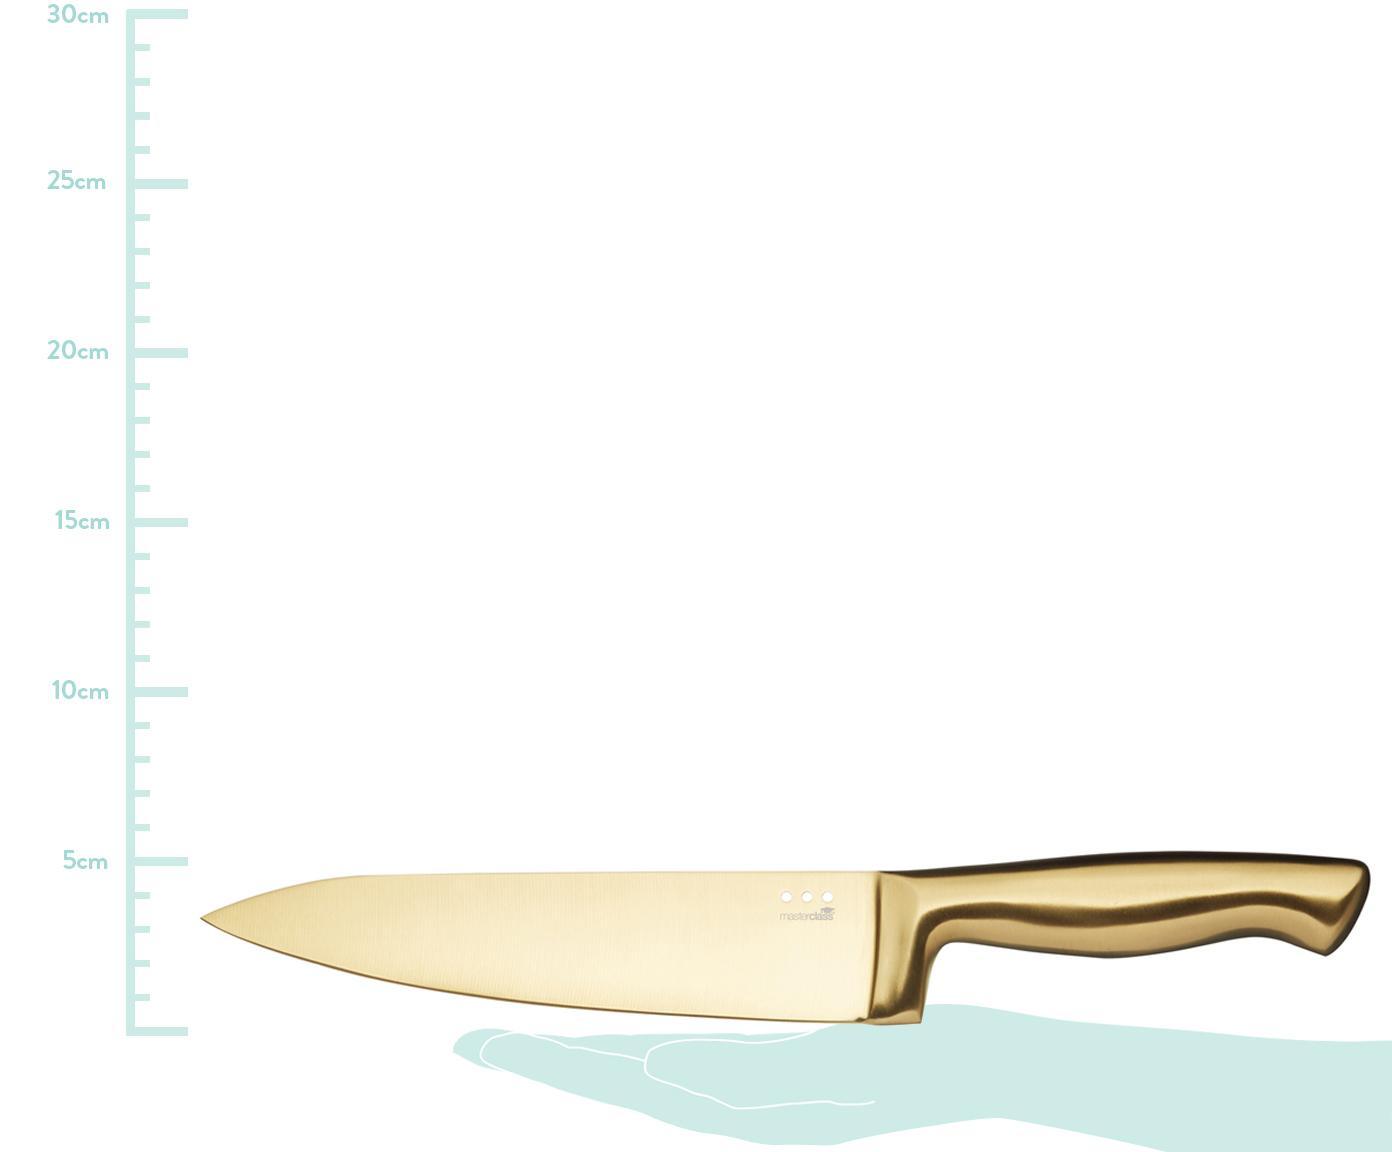 Messer-Set Master Class, 6-tlg., Stahl, beschichtet, Schwarz, Messingfarben, Set mit verschiedenen Grössen